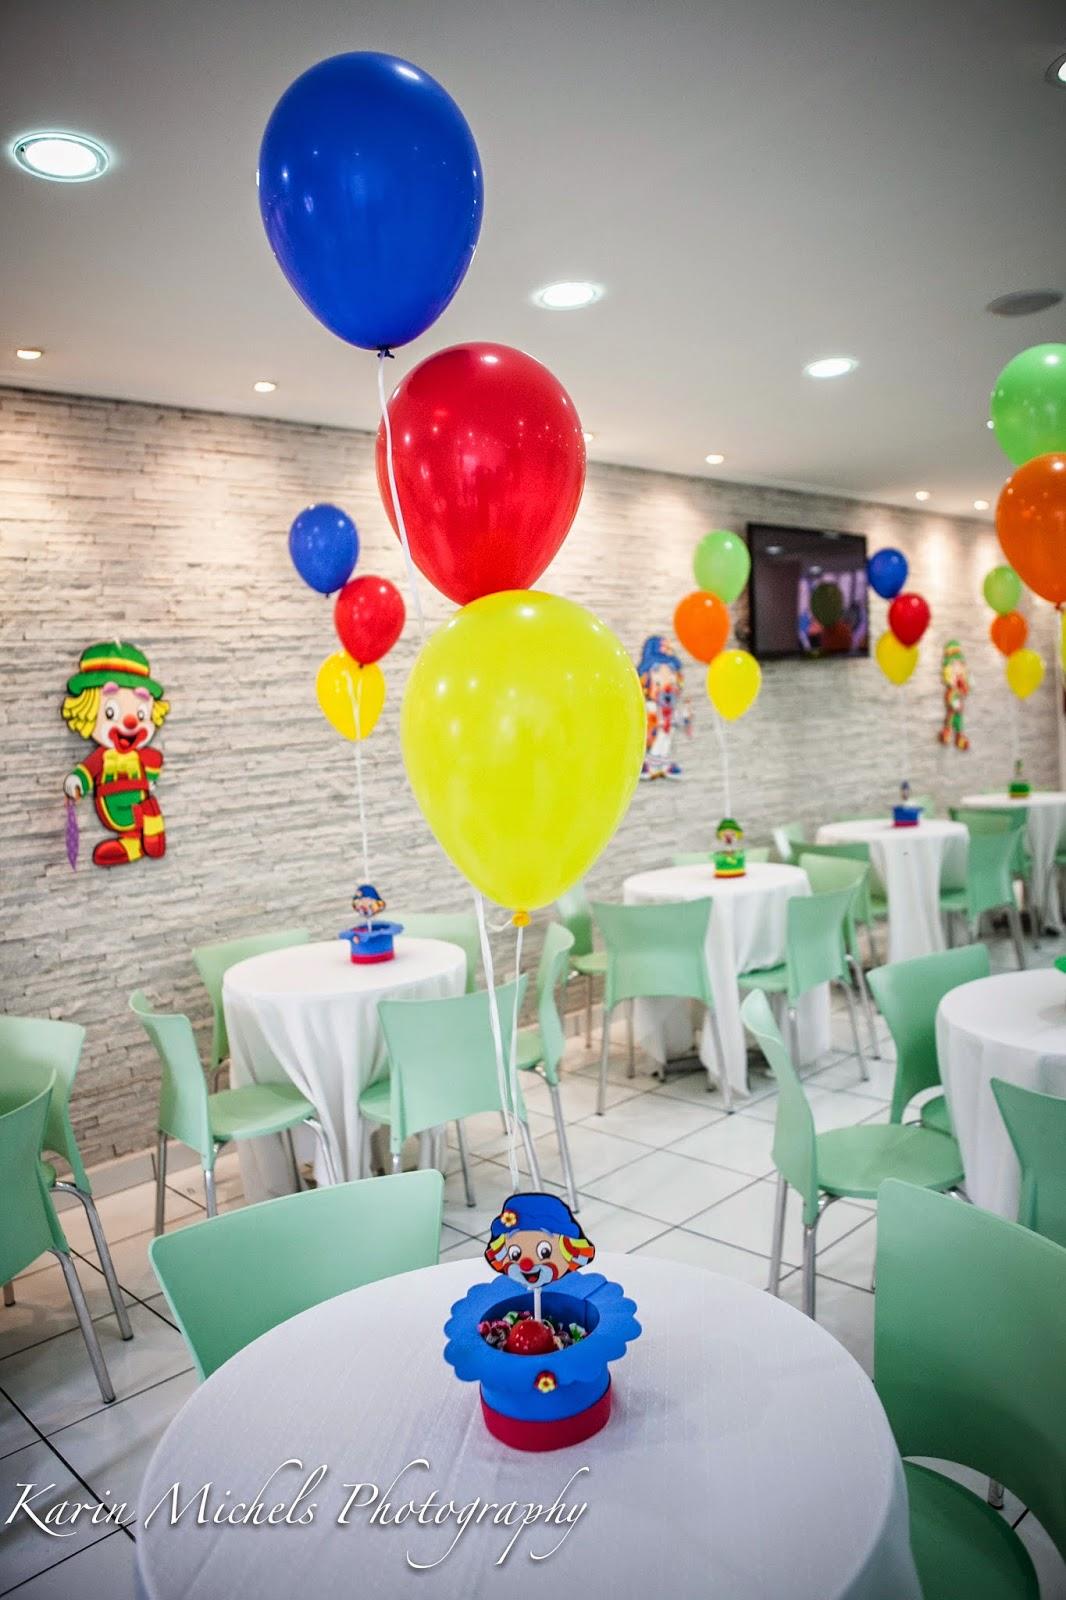 Detalhe Balões: Decoração com balões do Patati Patata no ...